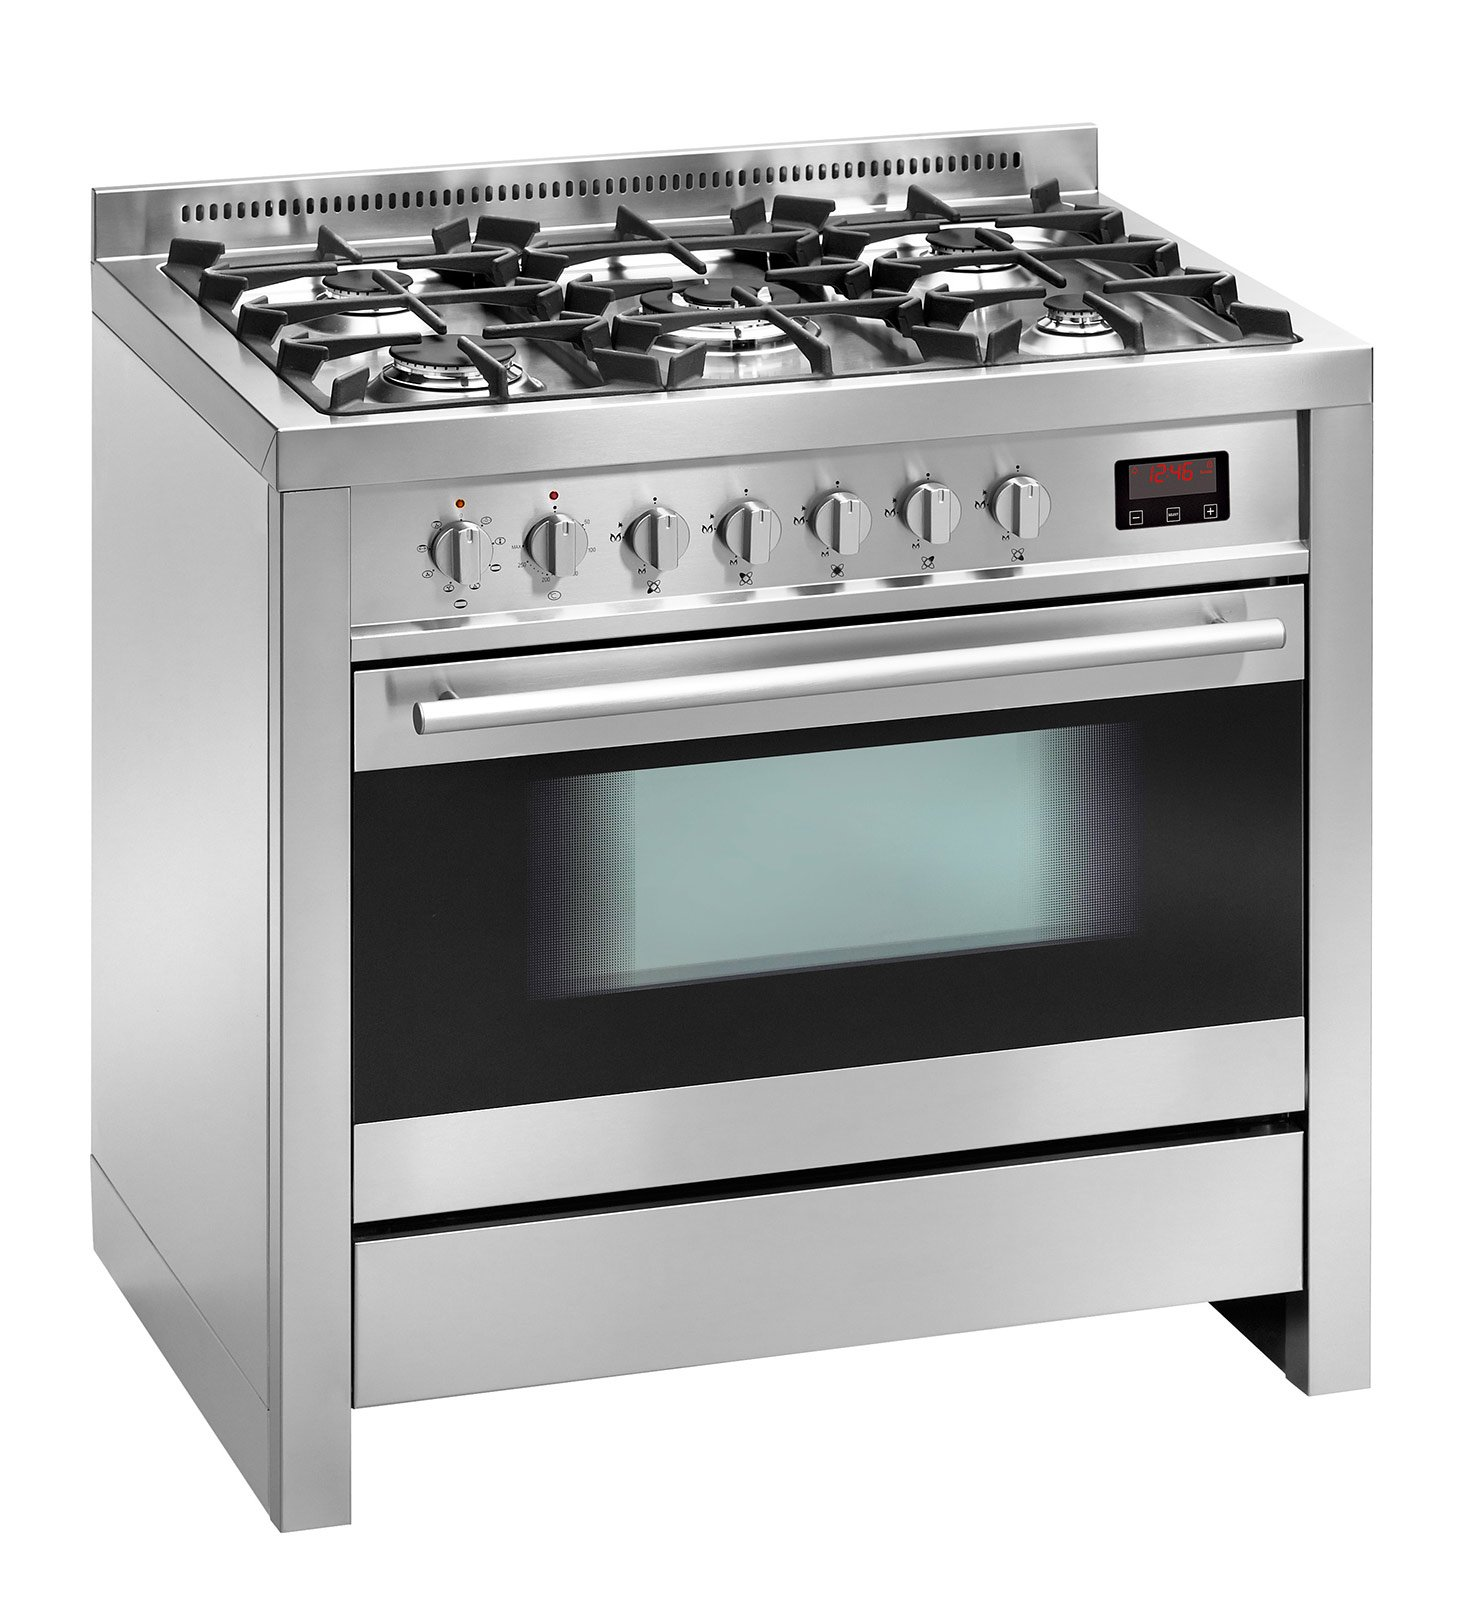 Cucina monoblocco piano cottura e forno tutto in uno for Cucina 5 fuochi 70x60